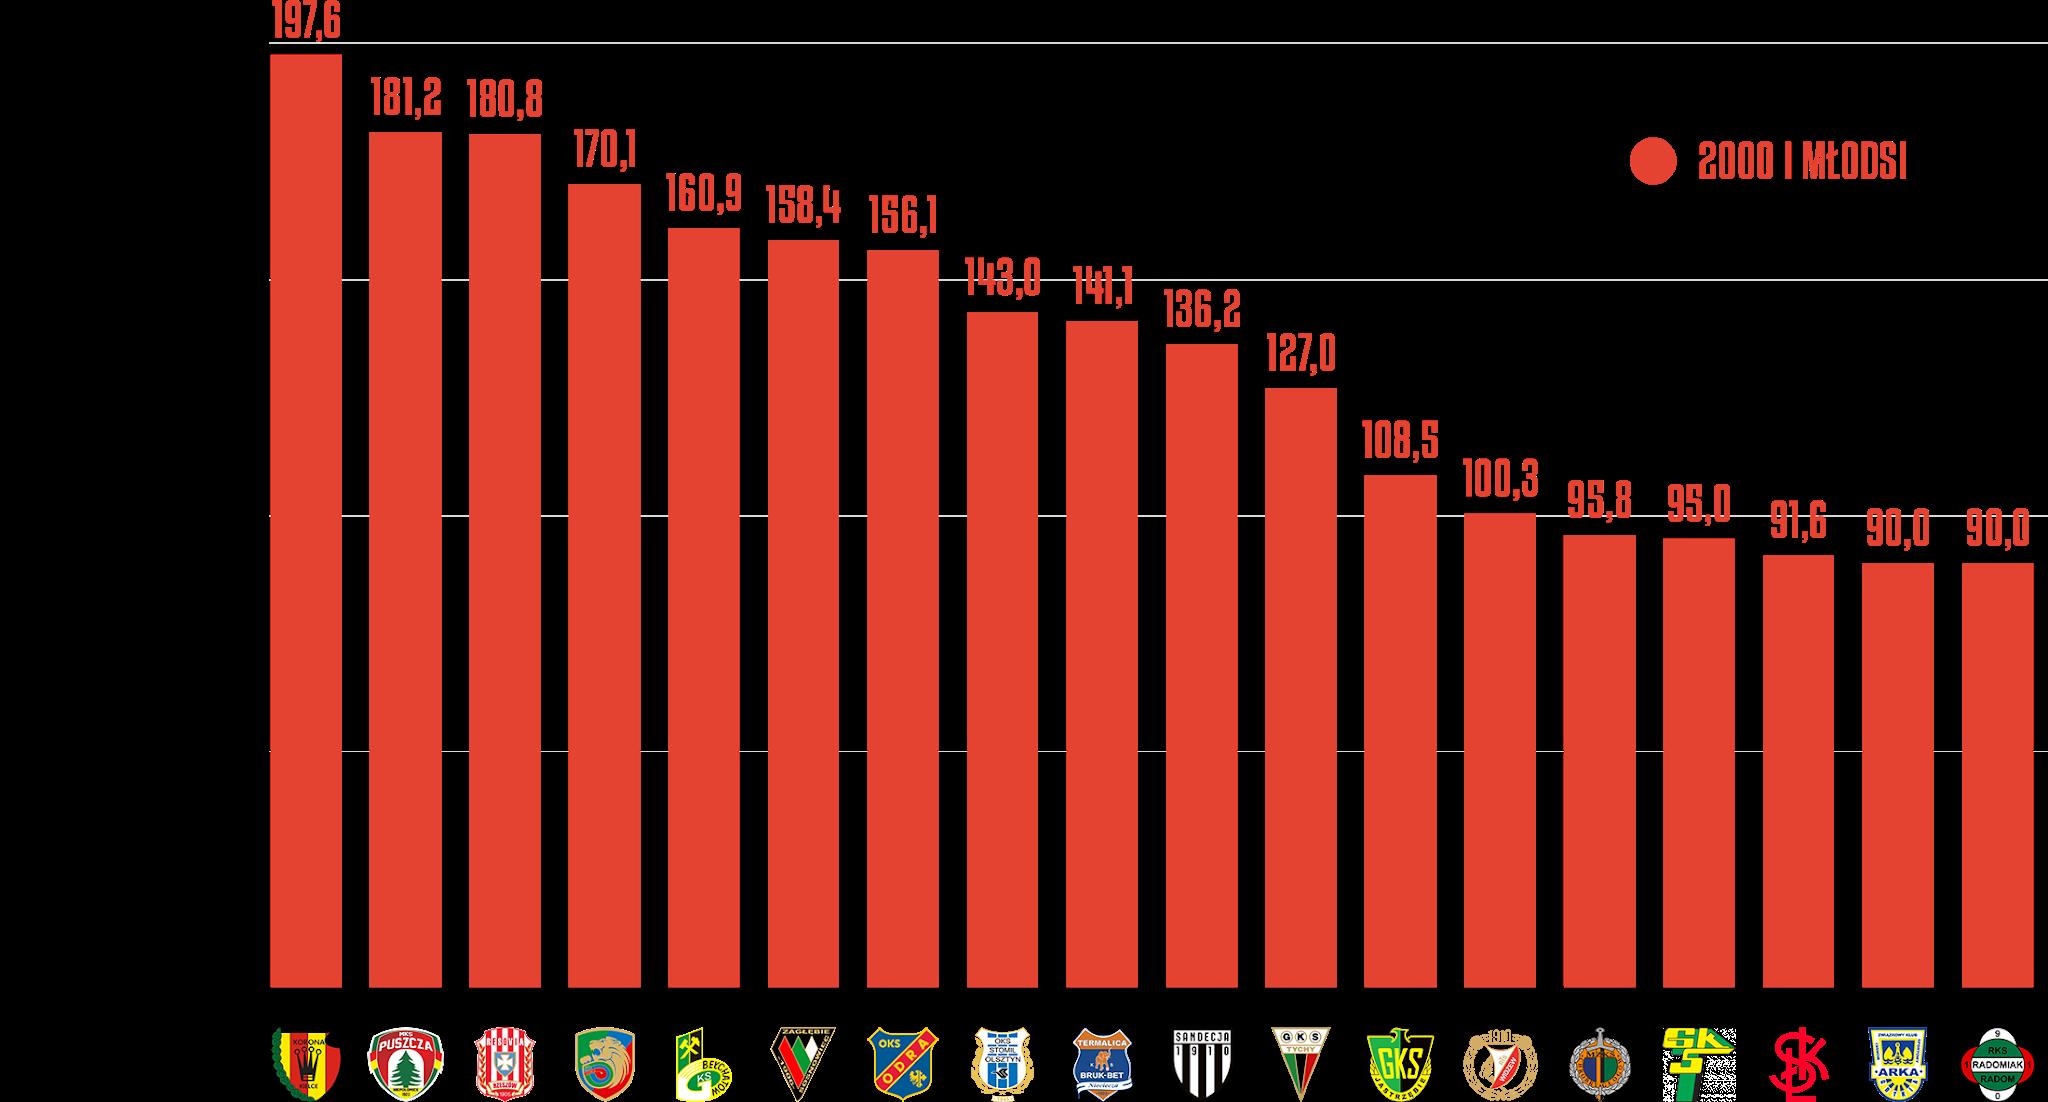 Średni czas gry młodzieżowców na mecz w poszczególnych klubach Fortuna 1 Ligi 2020/21<br><br>Źródło: Opracowanie własne na podstawie 90minut.pl<br><br>graf. Bartosz Urban